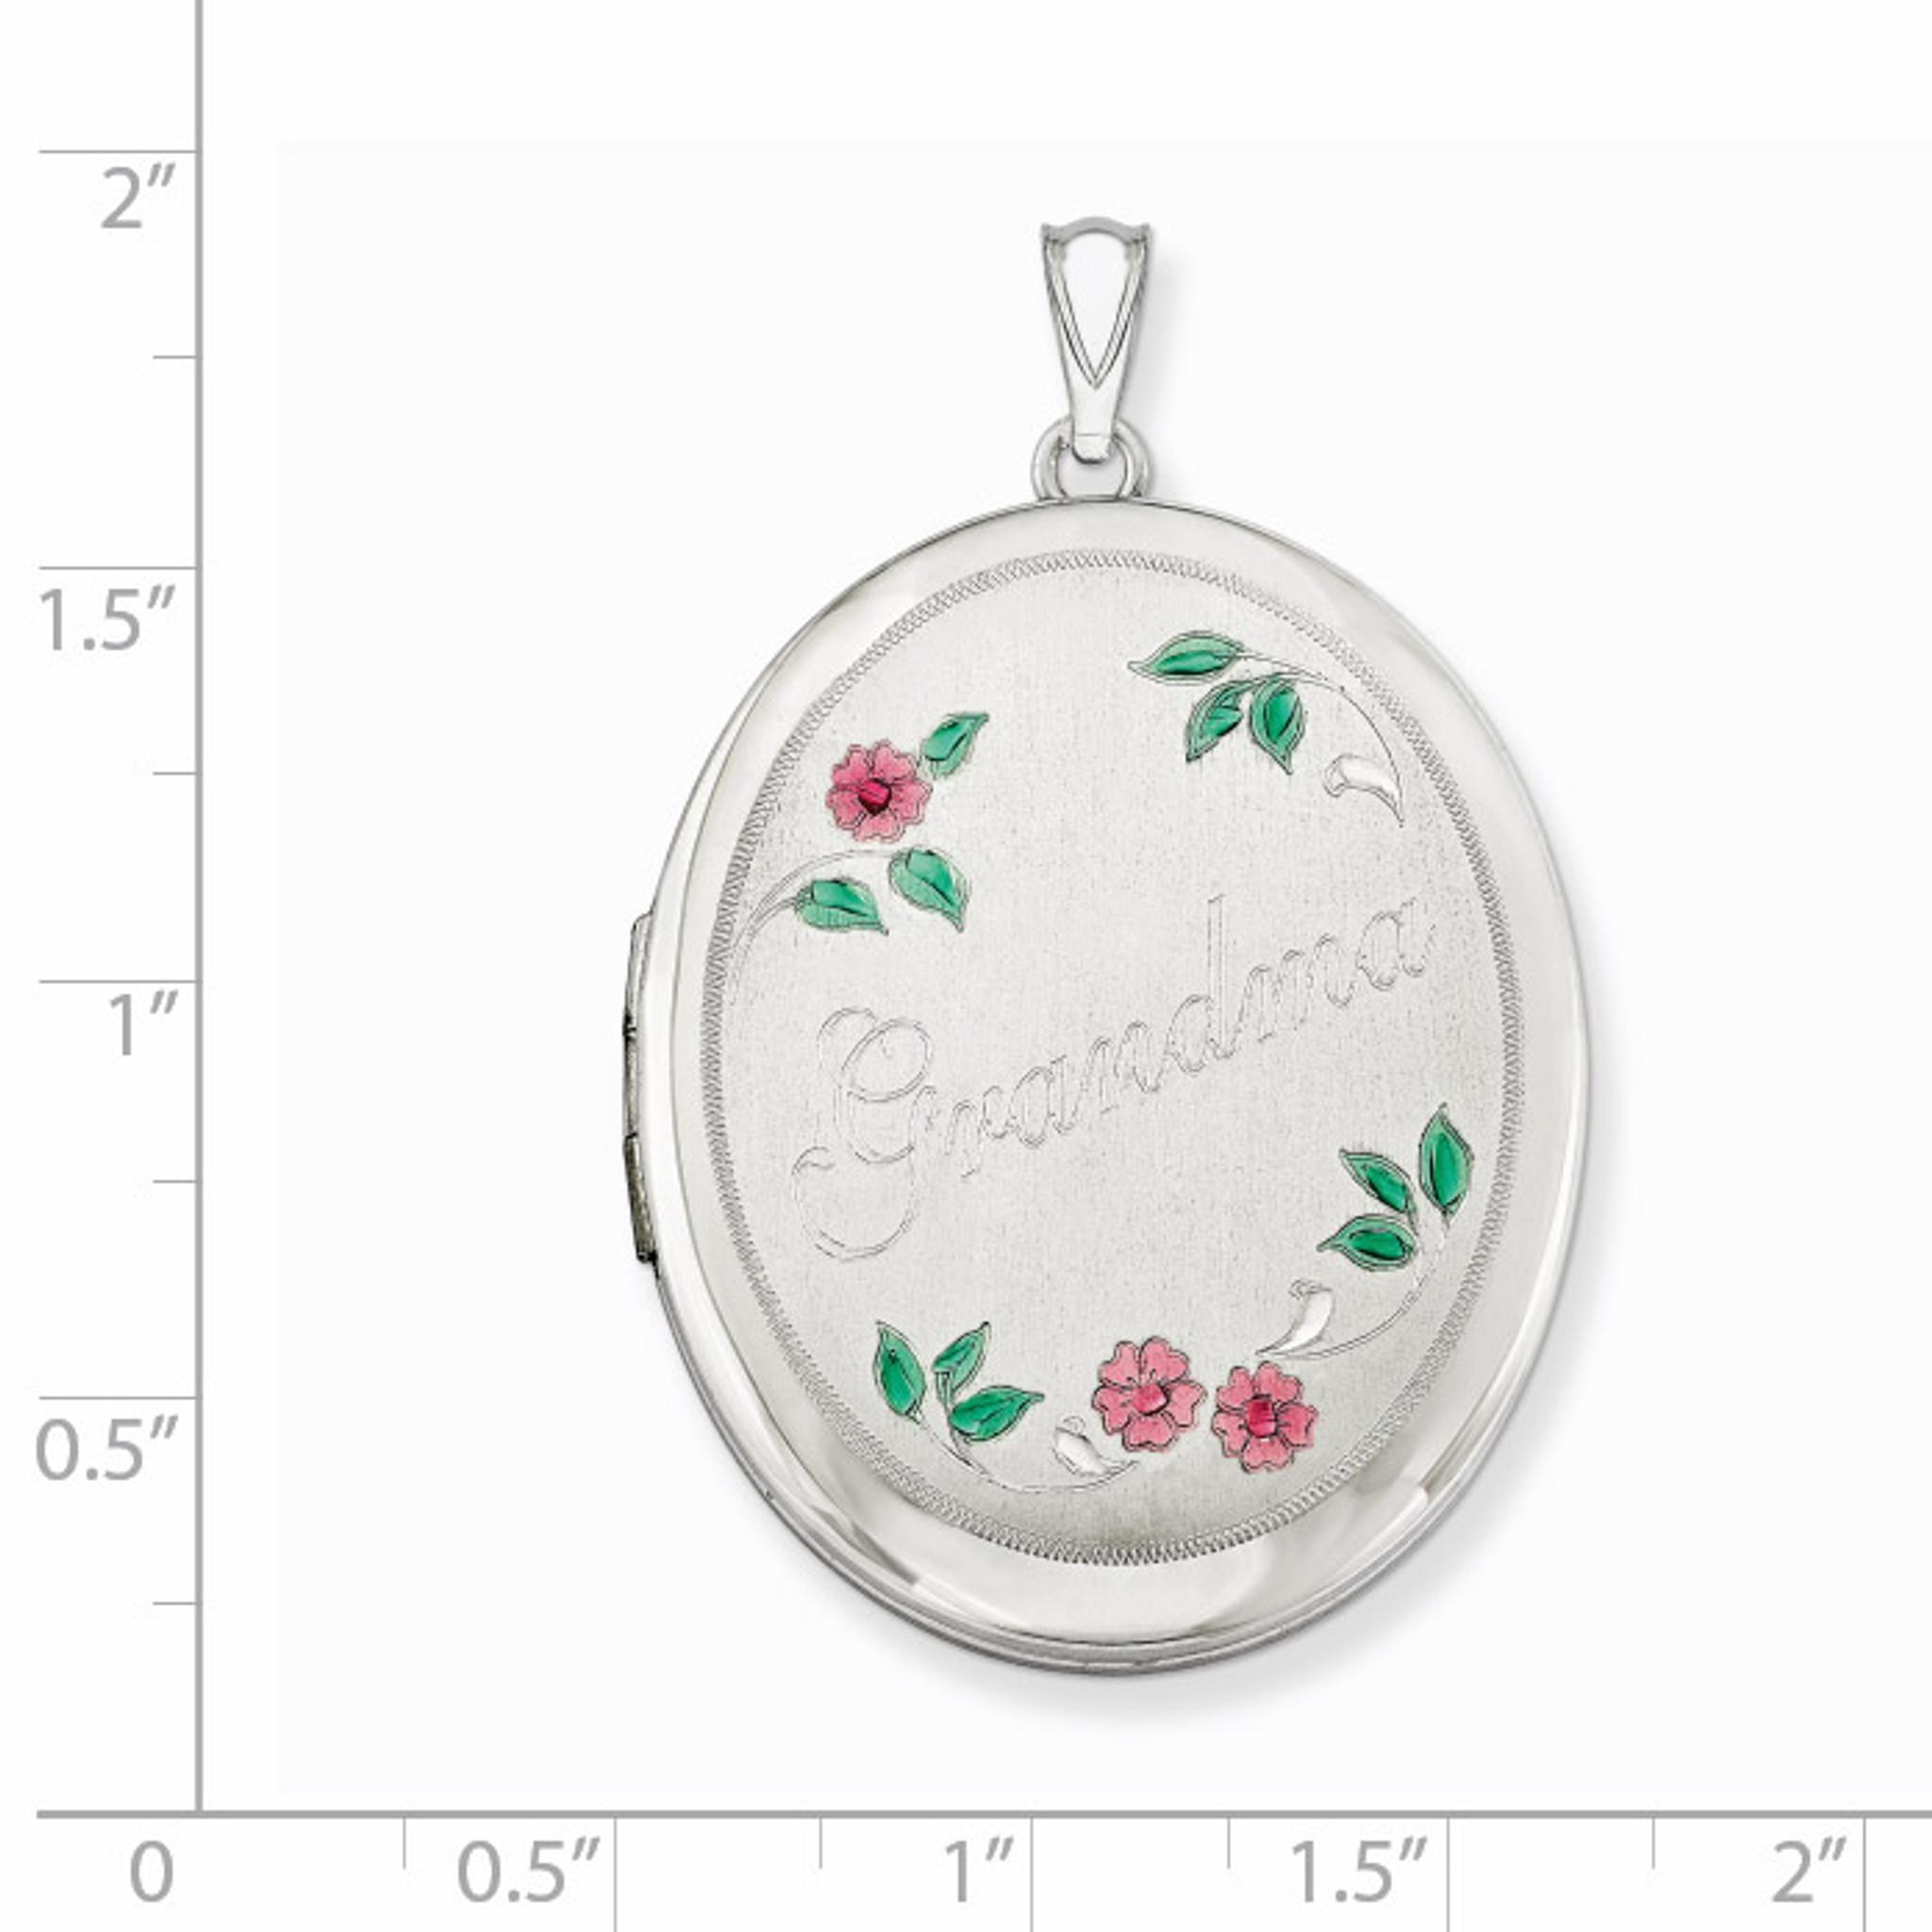 Sterling Silver With Enamel Flowers 19mm Oval Locket